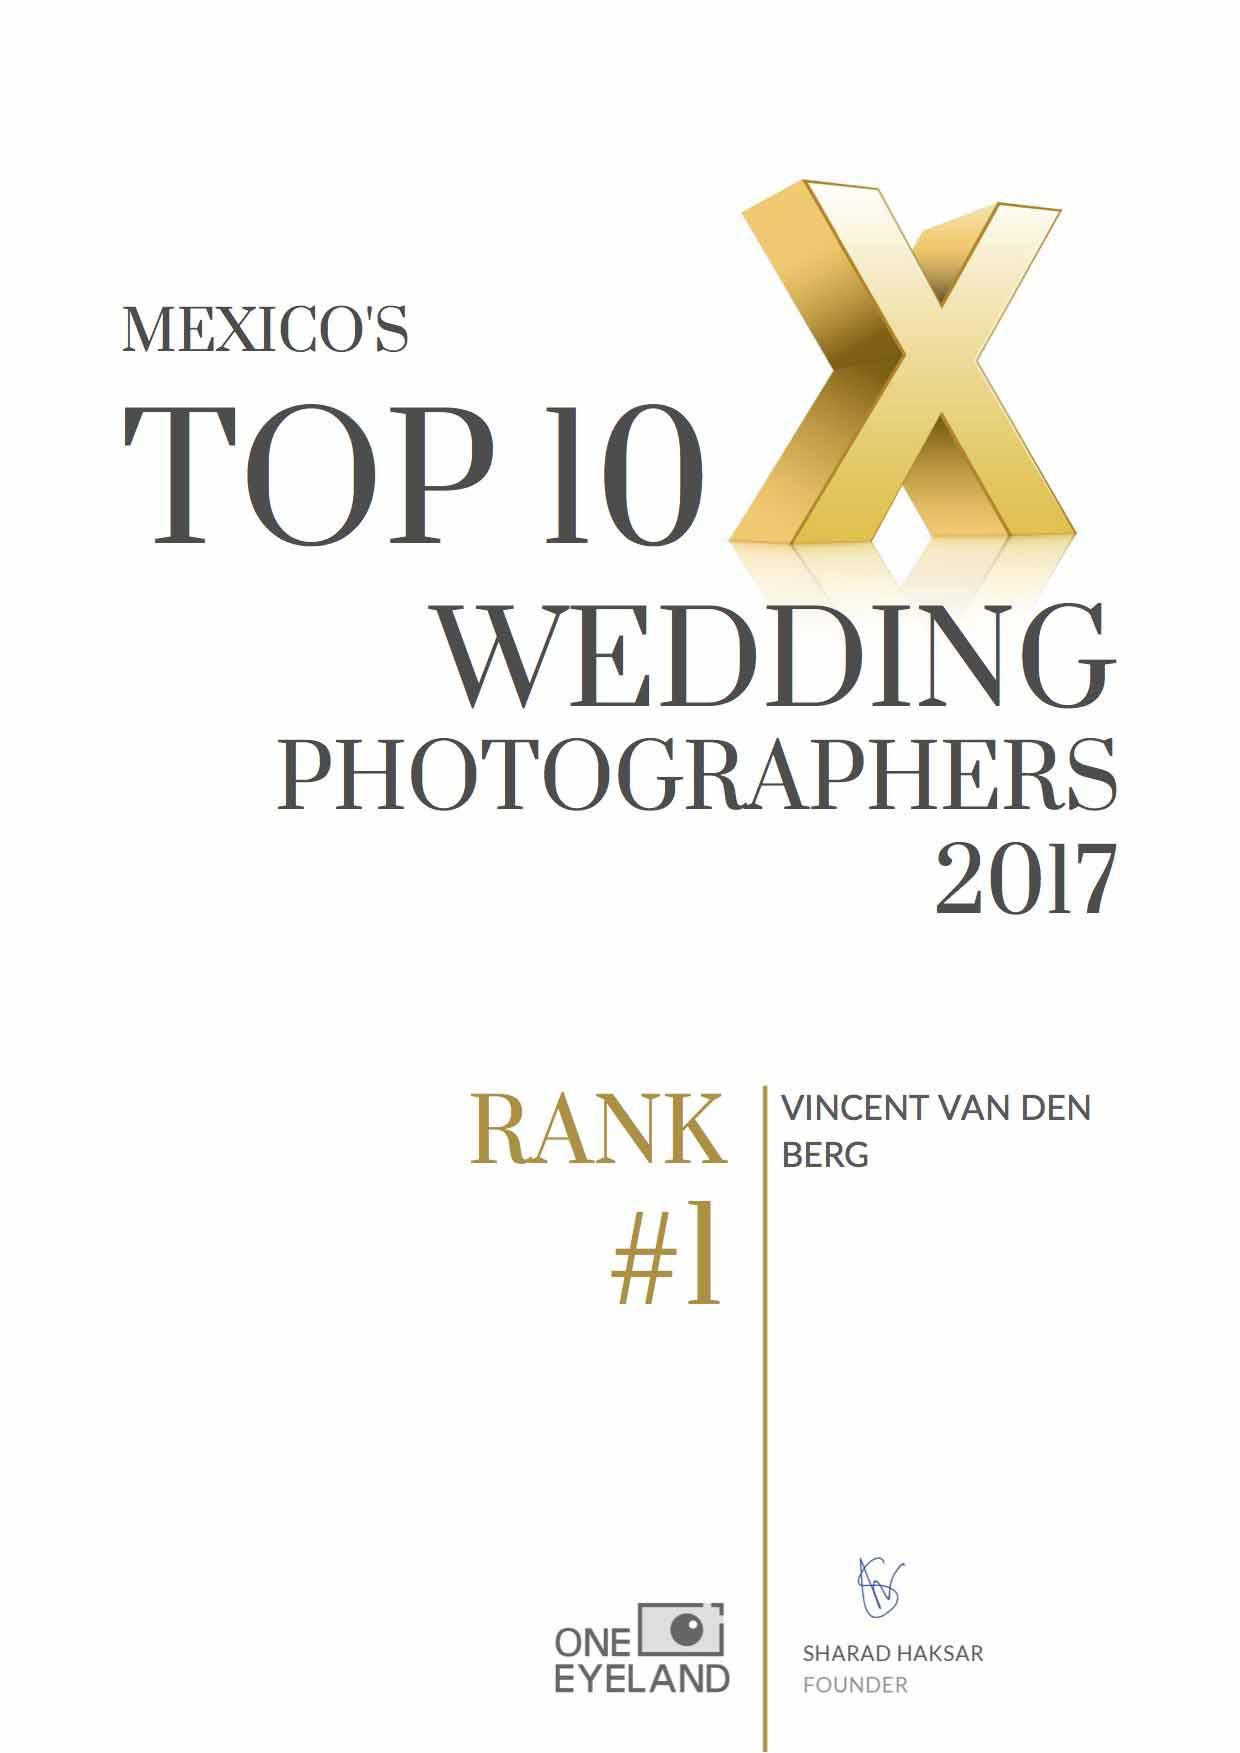 vincent-van-den-berg-wedding-country-rank1-2017